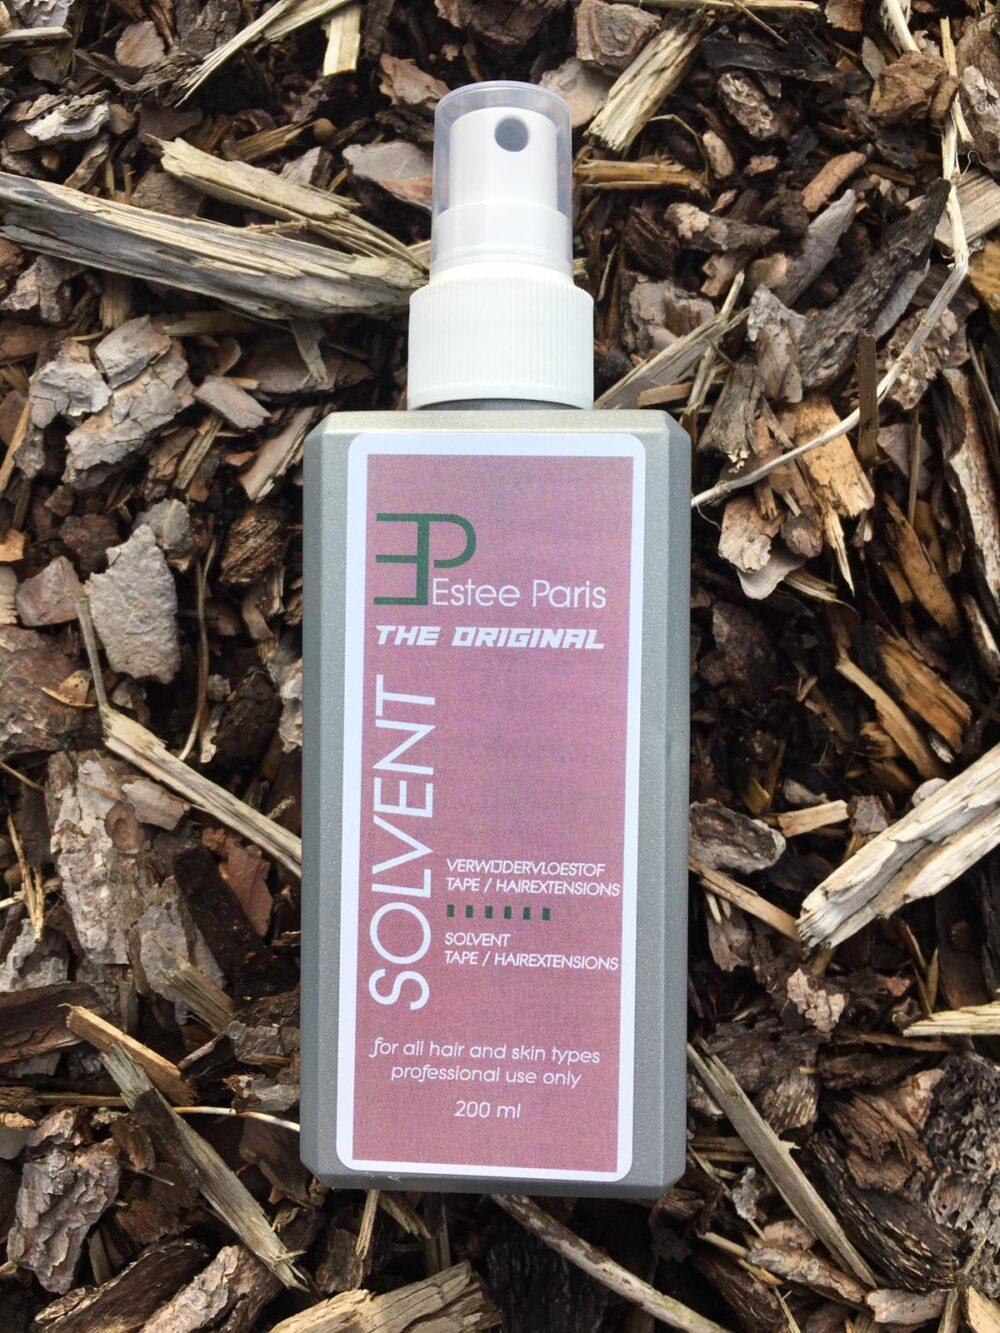 verwijdervloeistof hairextensiosn - tape extensions